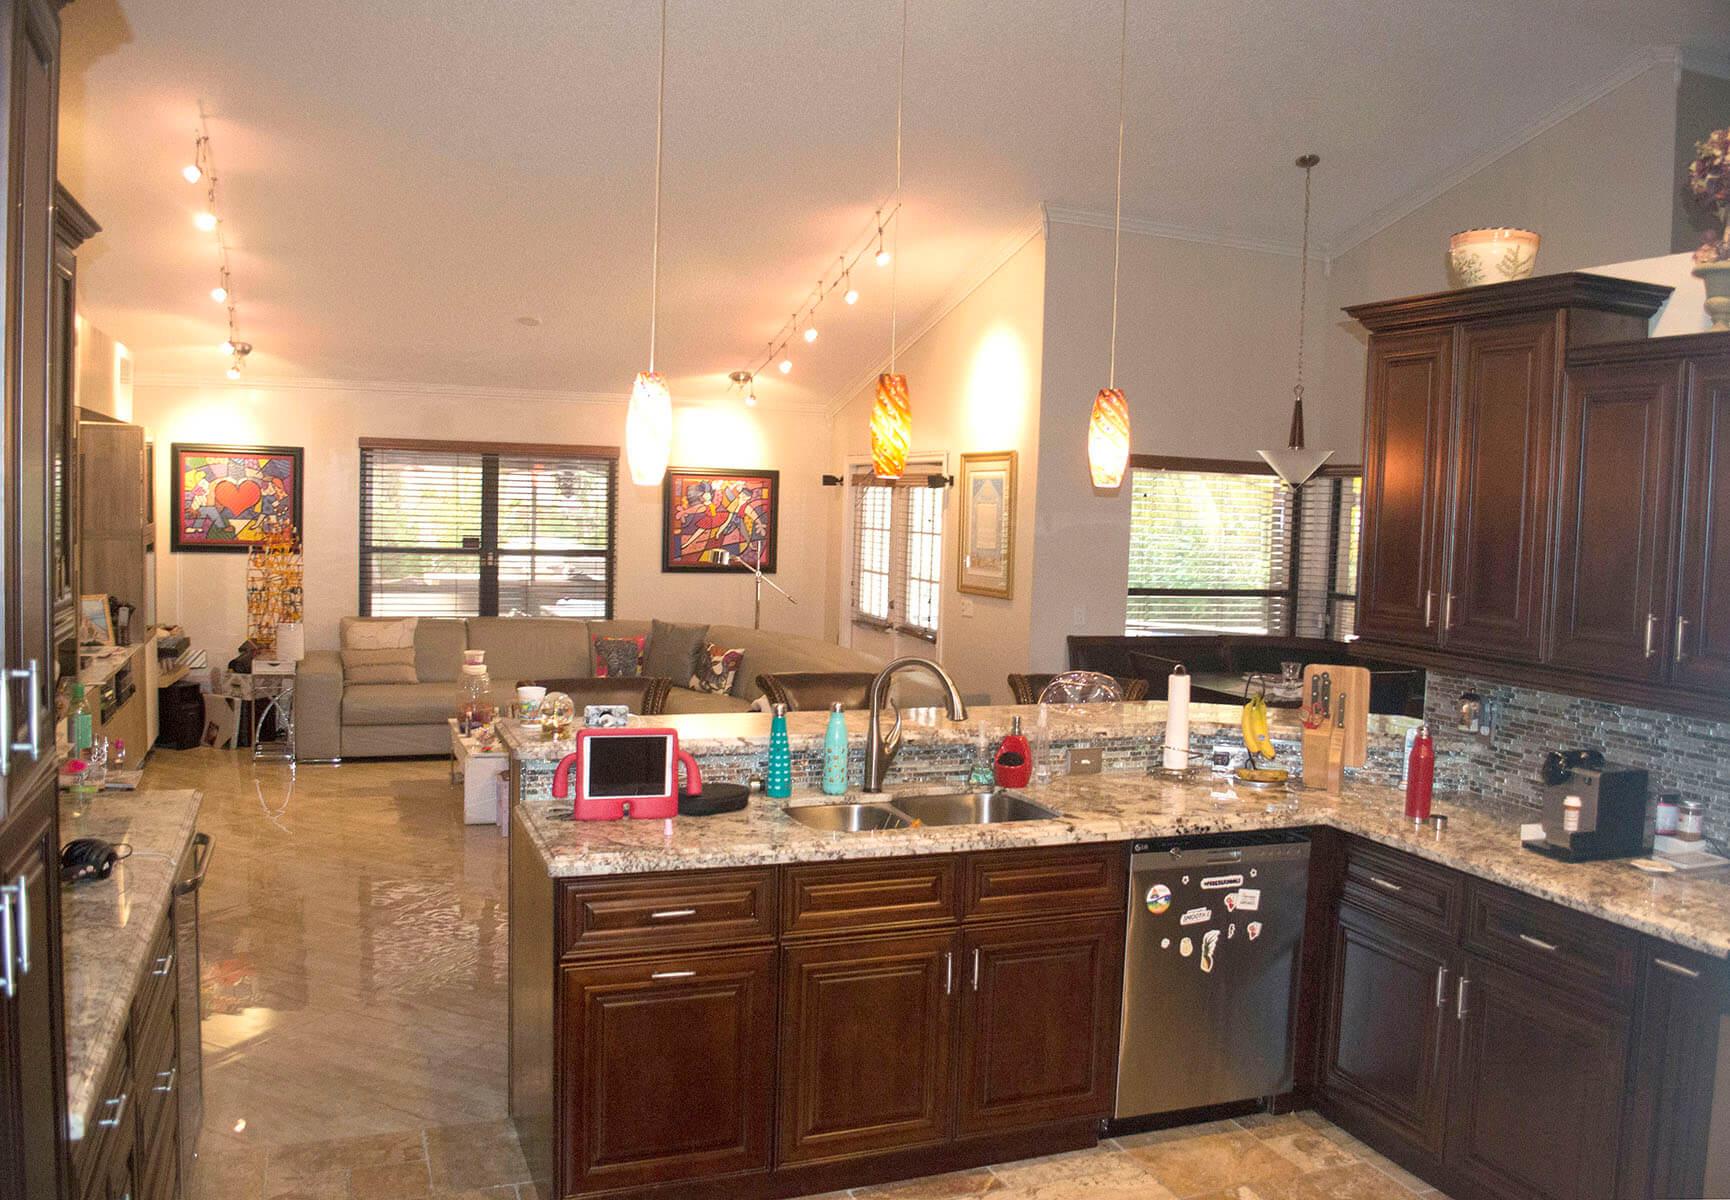 9651-Ridgeside-Ct-Davie-FL-3-Kitchen-4